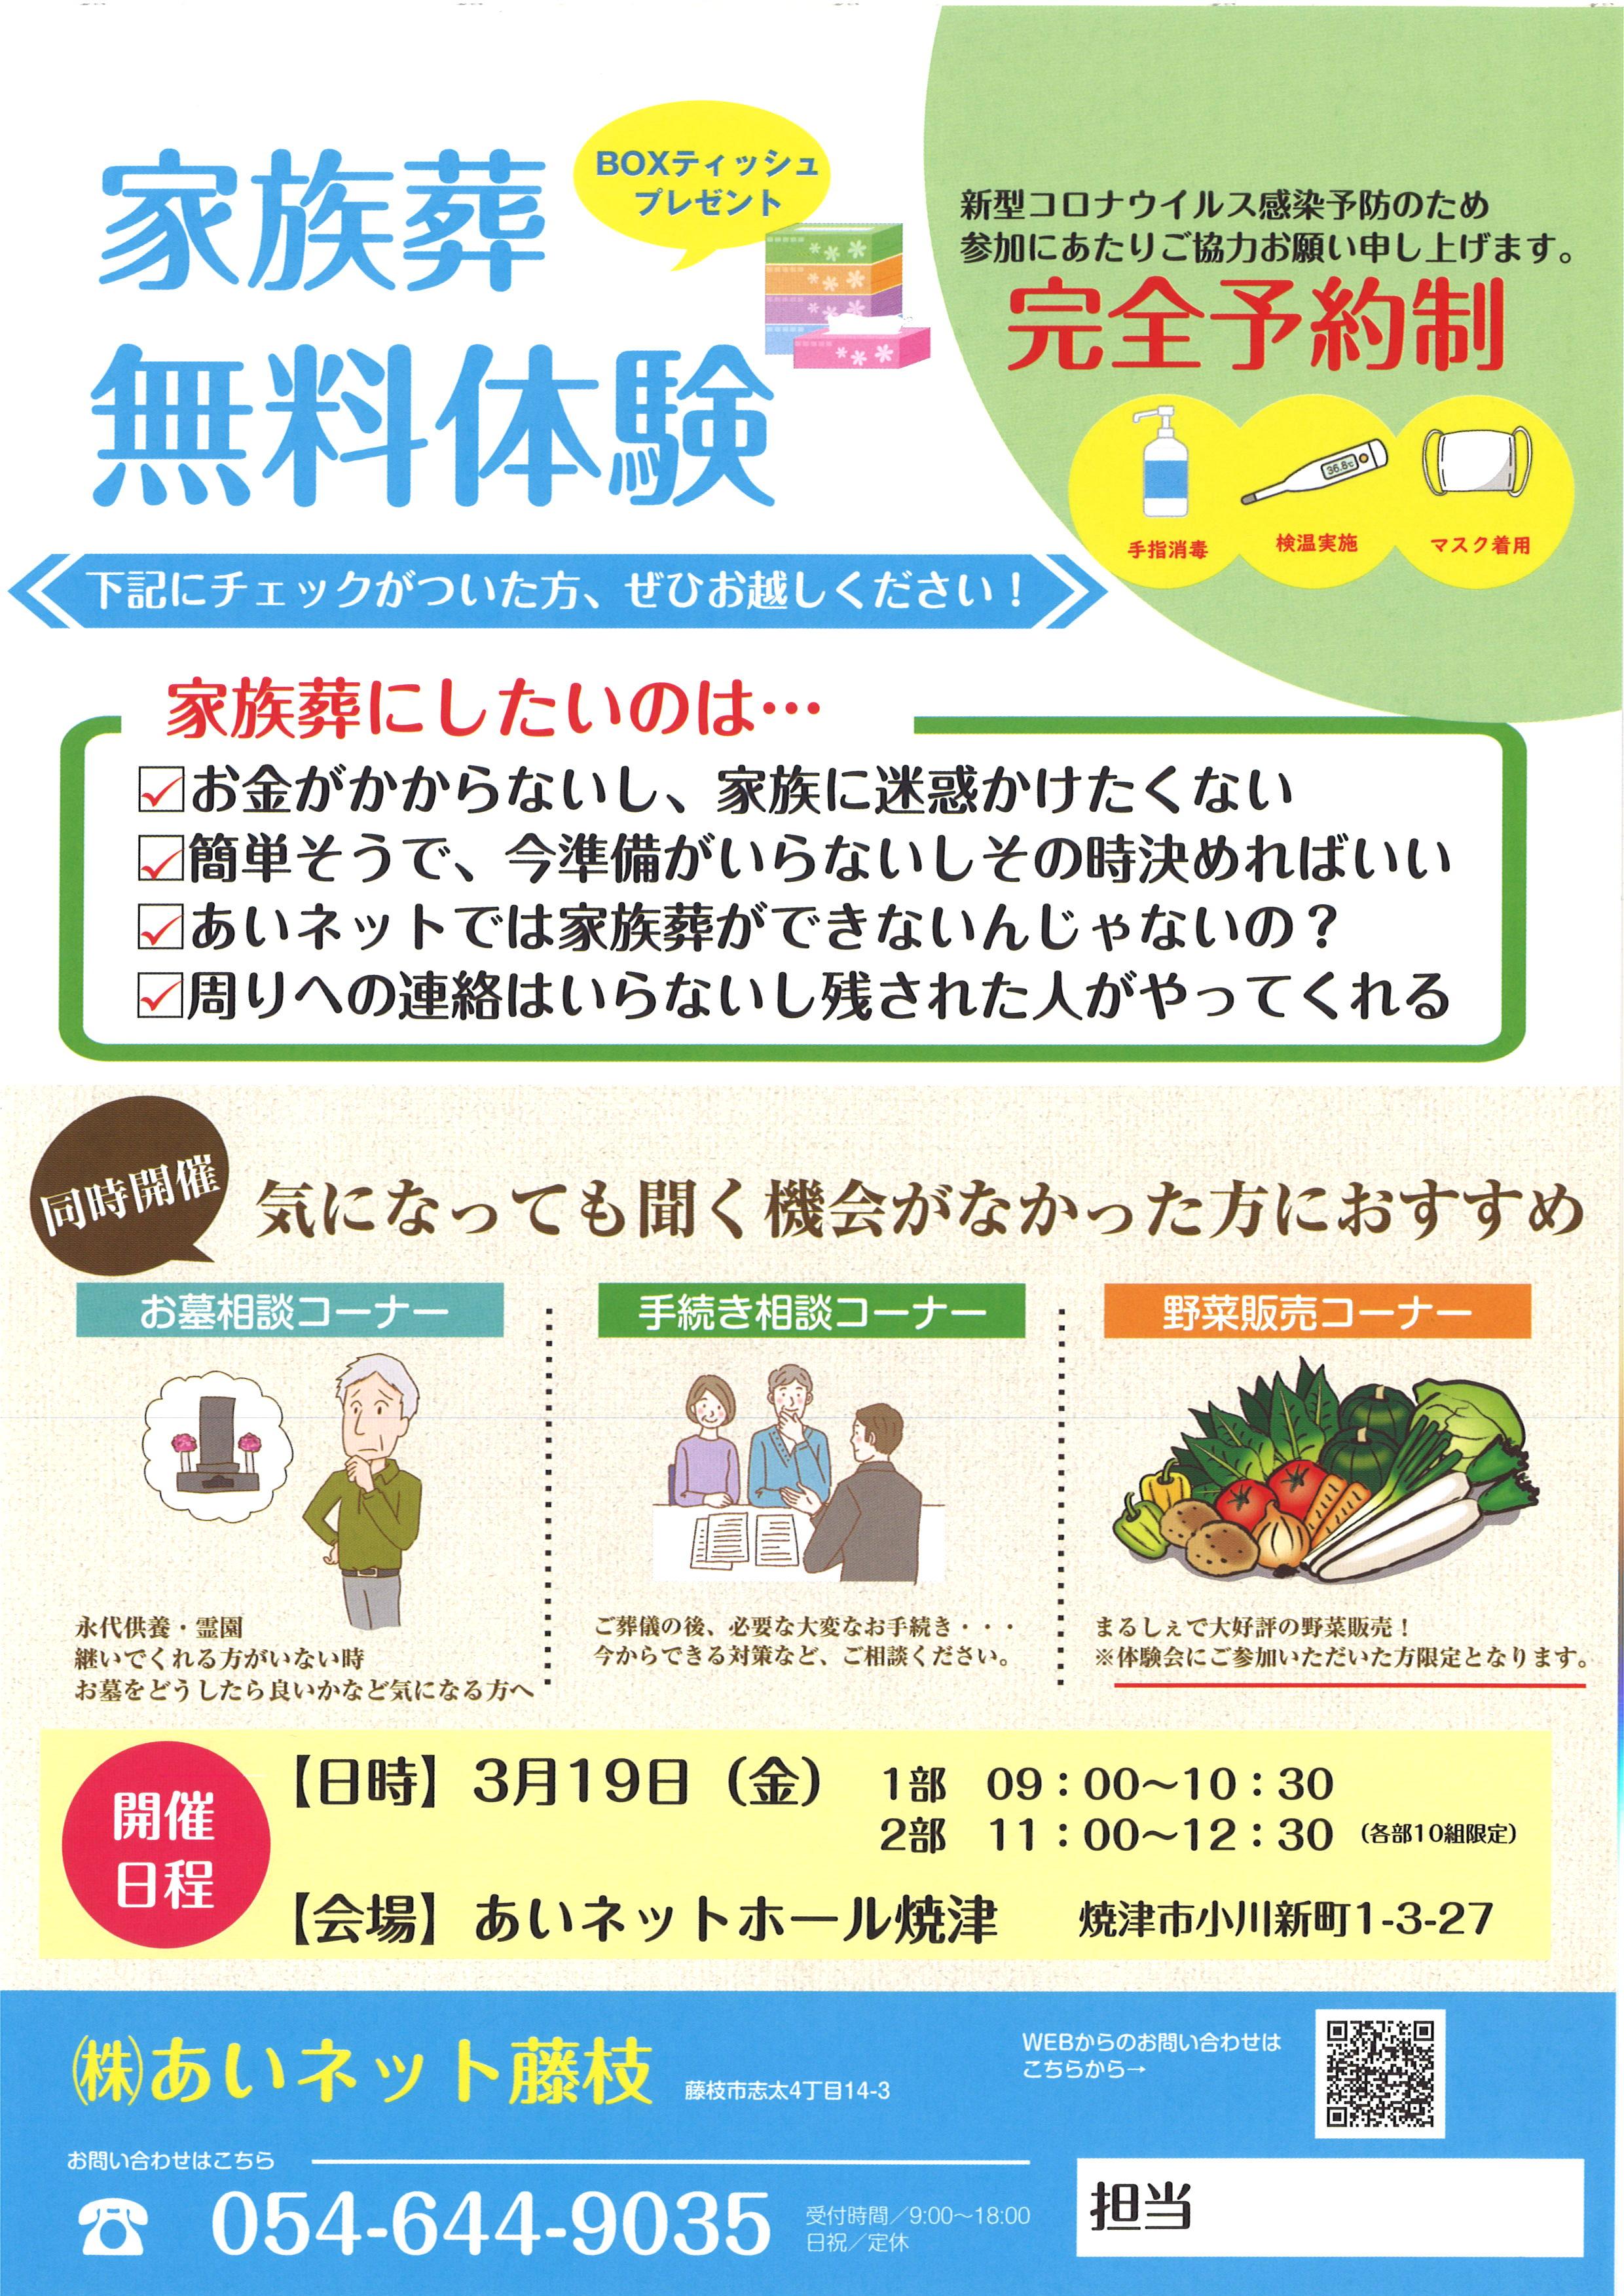 3月19日(金)家族葬体験イベント㏌あいネットホール焼津